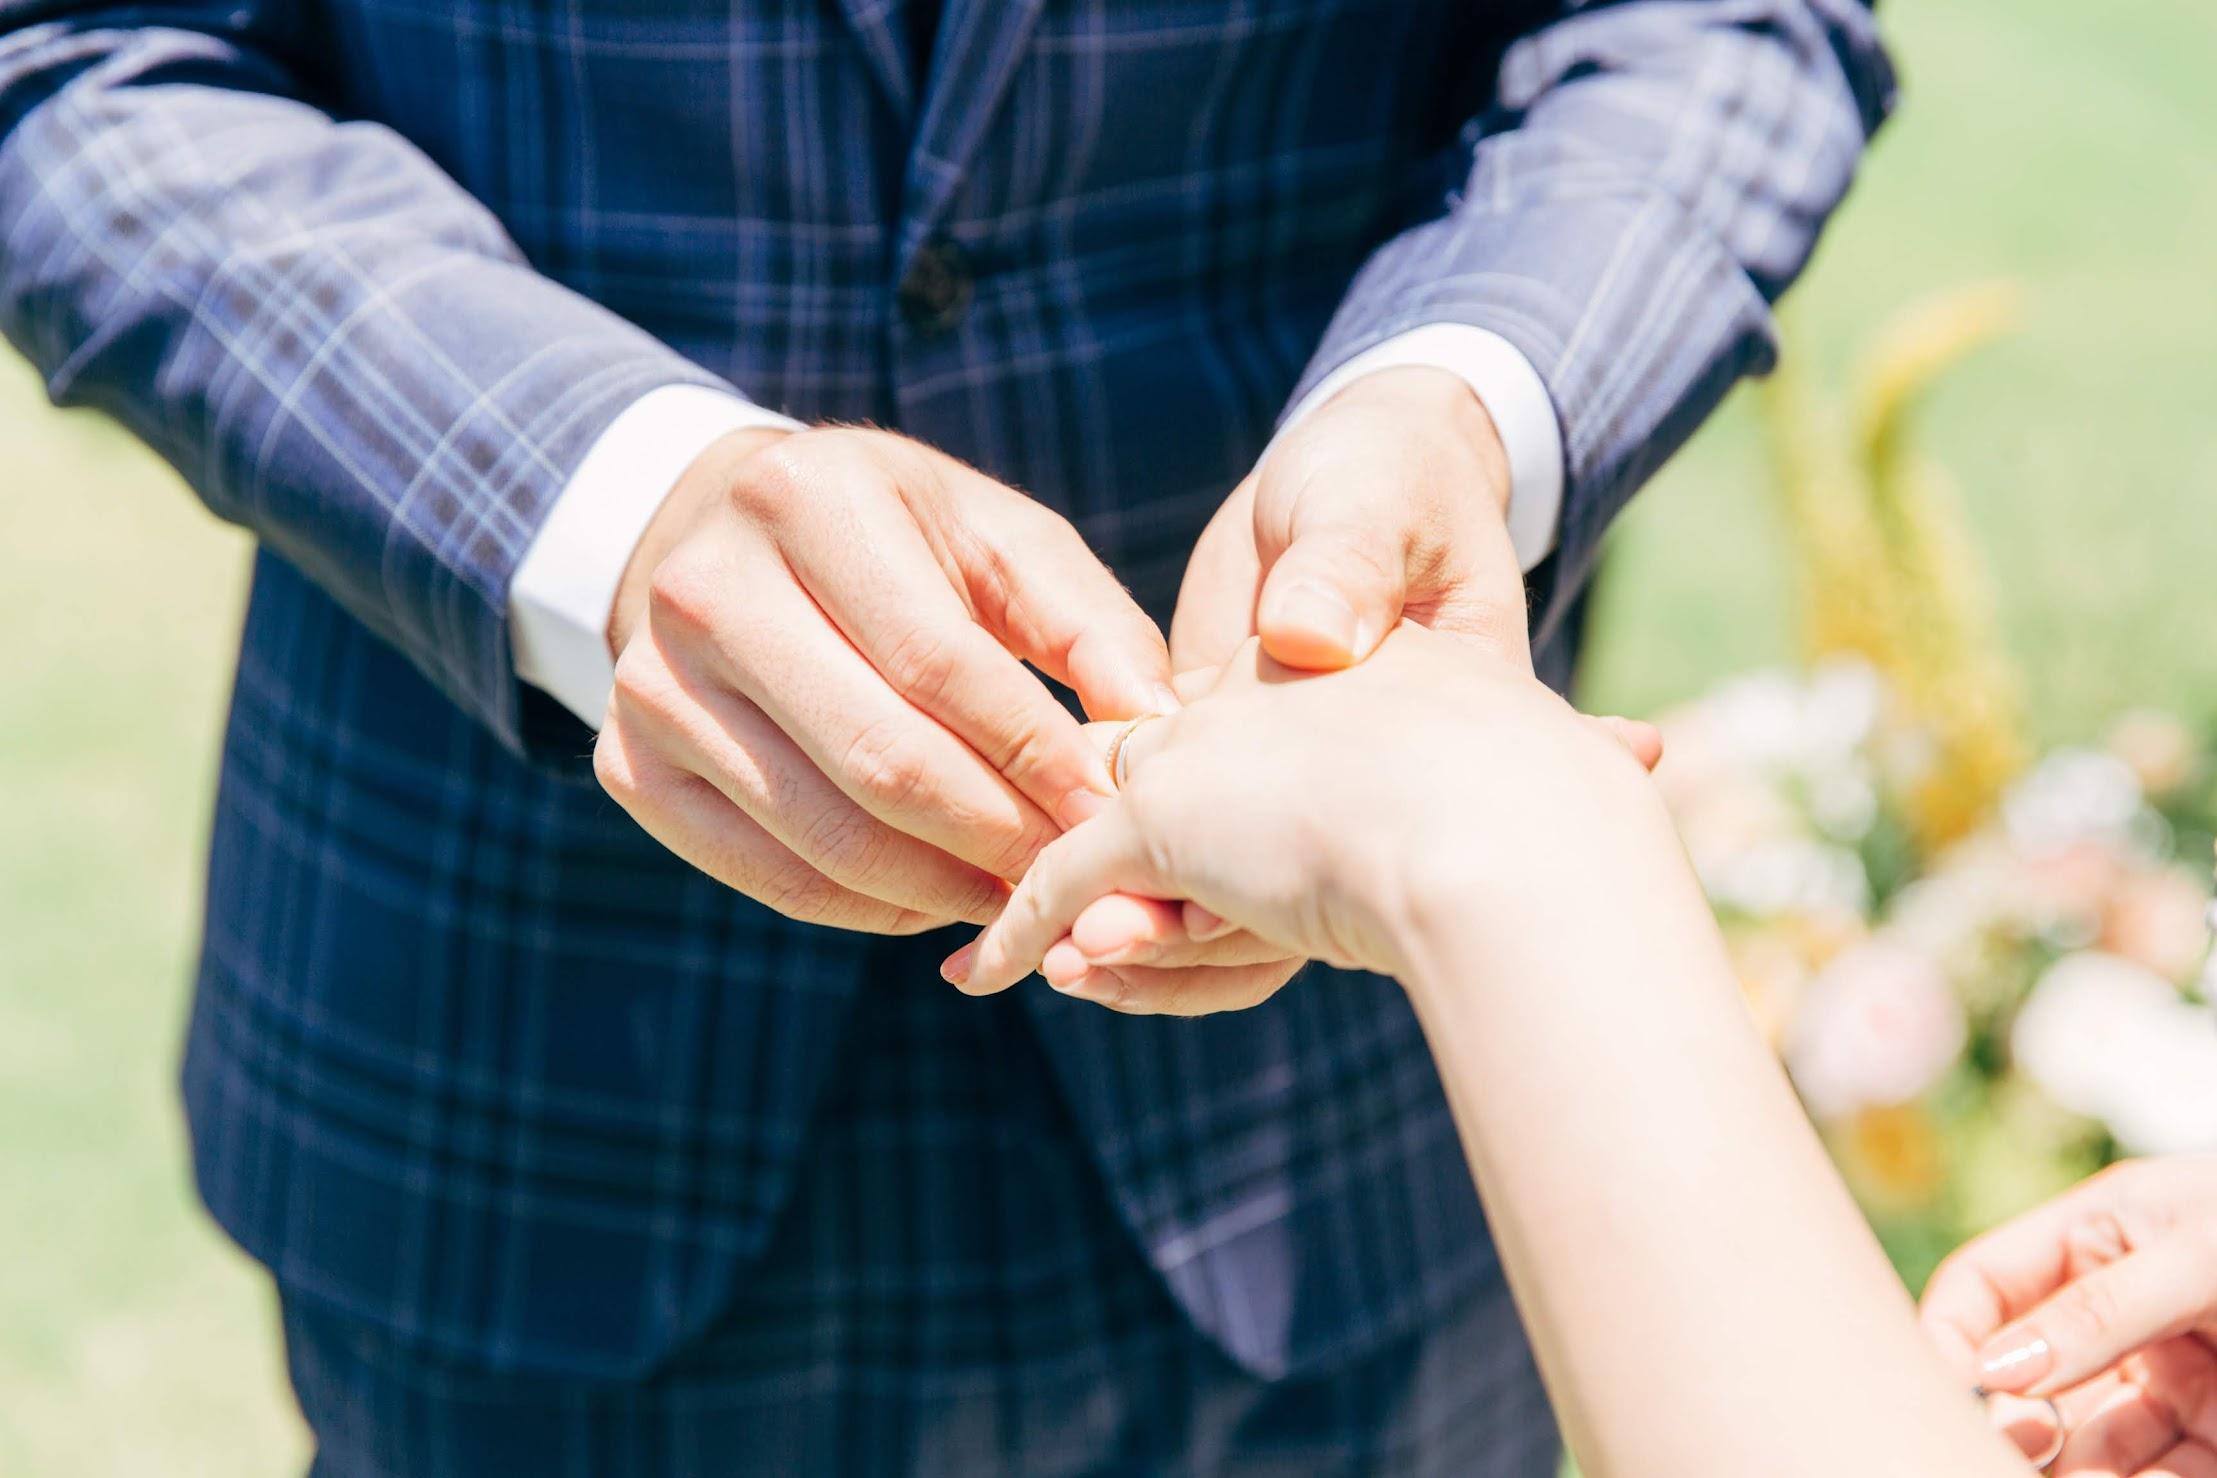 在苗栗的 全國花園鄉村俱樂部 舉行陽光正好的美式 婚禮 , 是每位新娘夢寐以求的西式婚禮樣式!